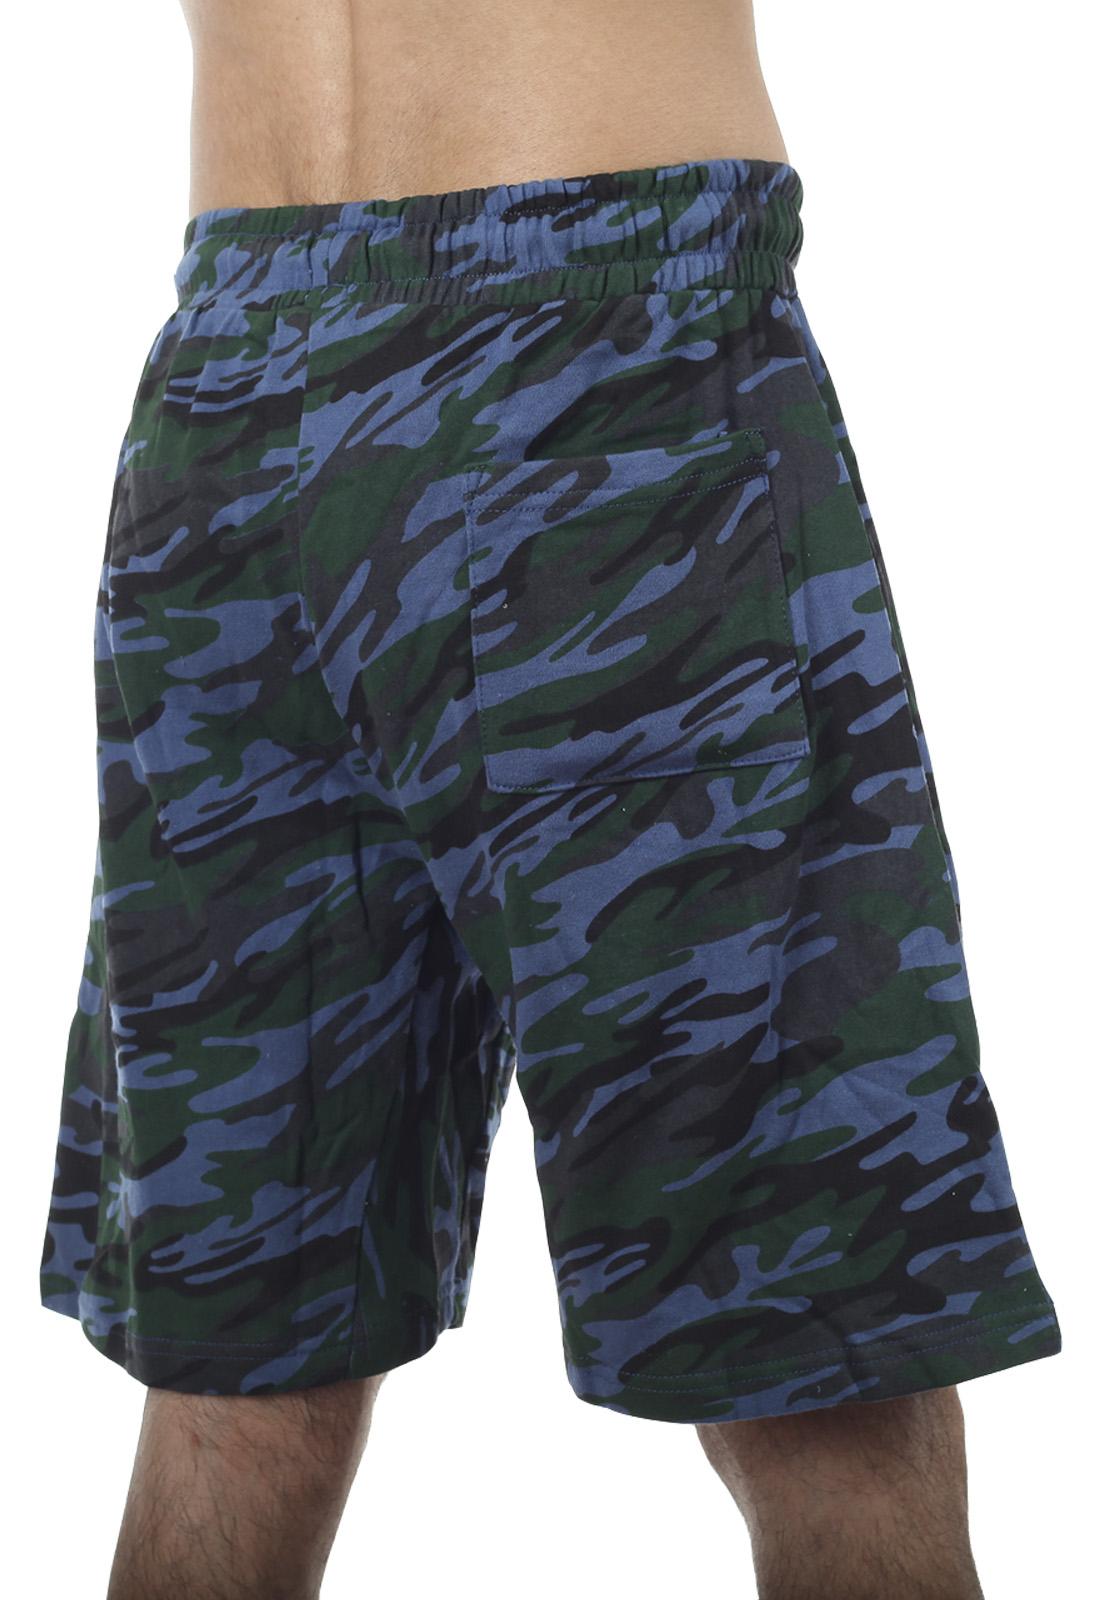 Купить мужские шорты на резинке в камуфляжном дизайне